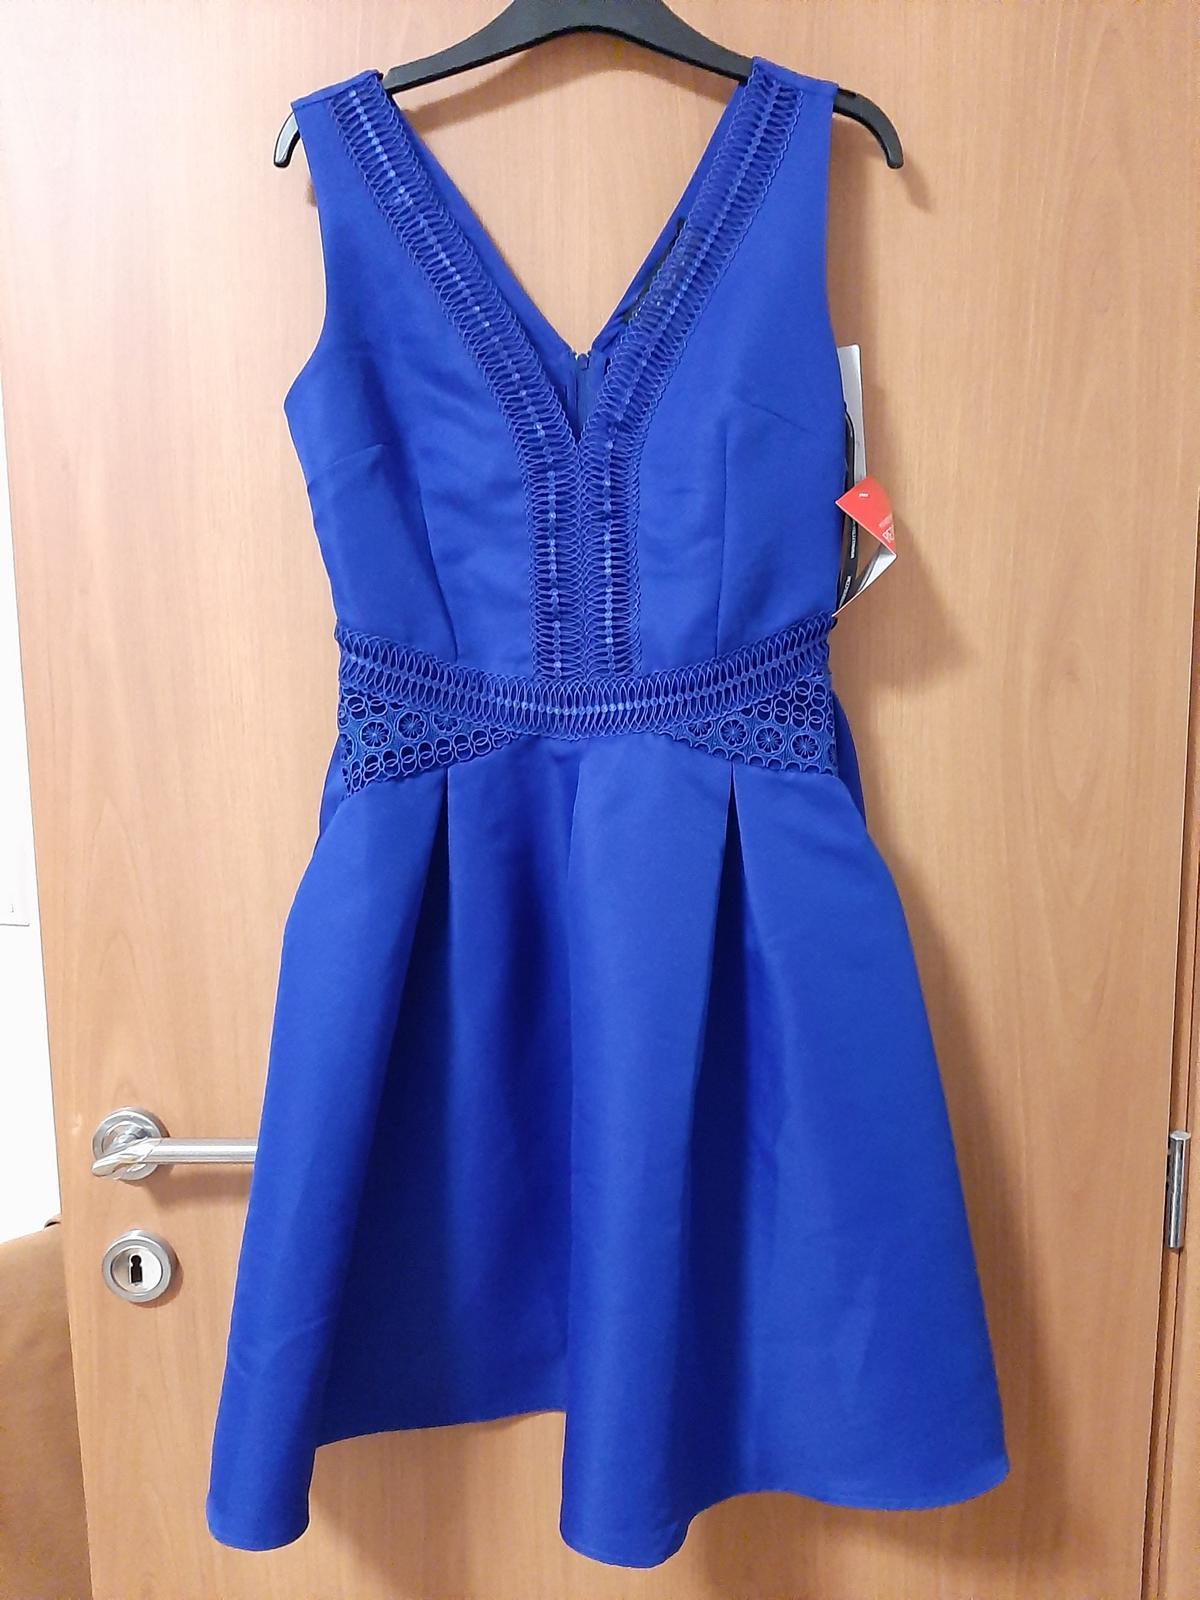 Modré krátke šaty - Obrázok č. 2